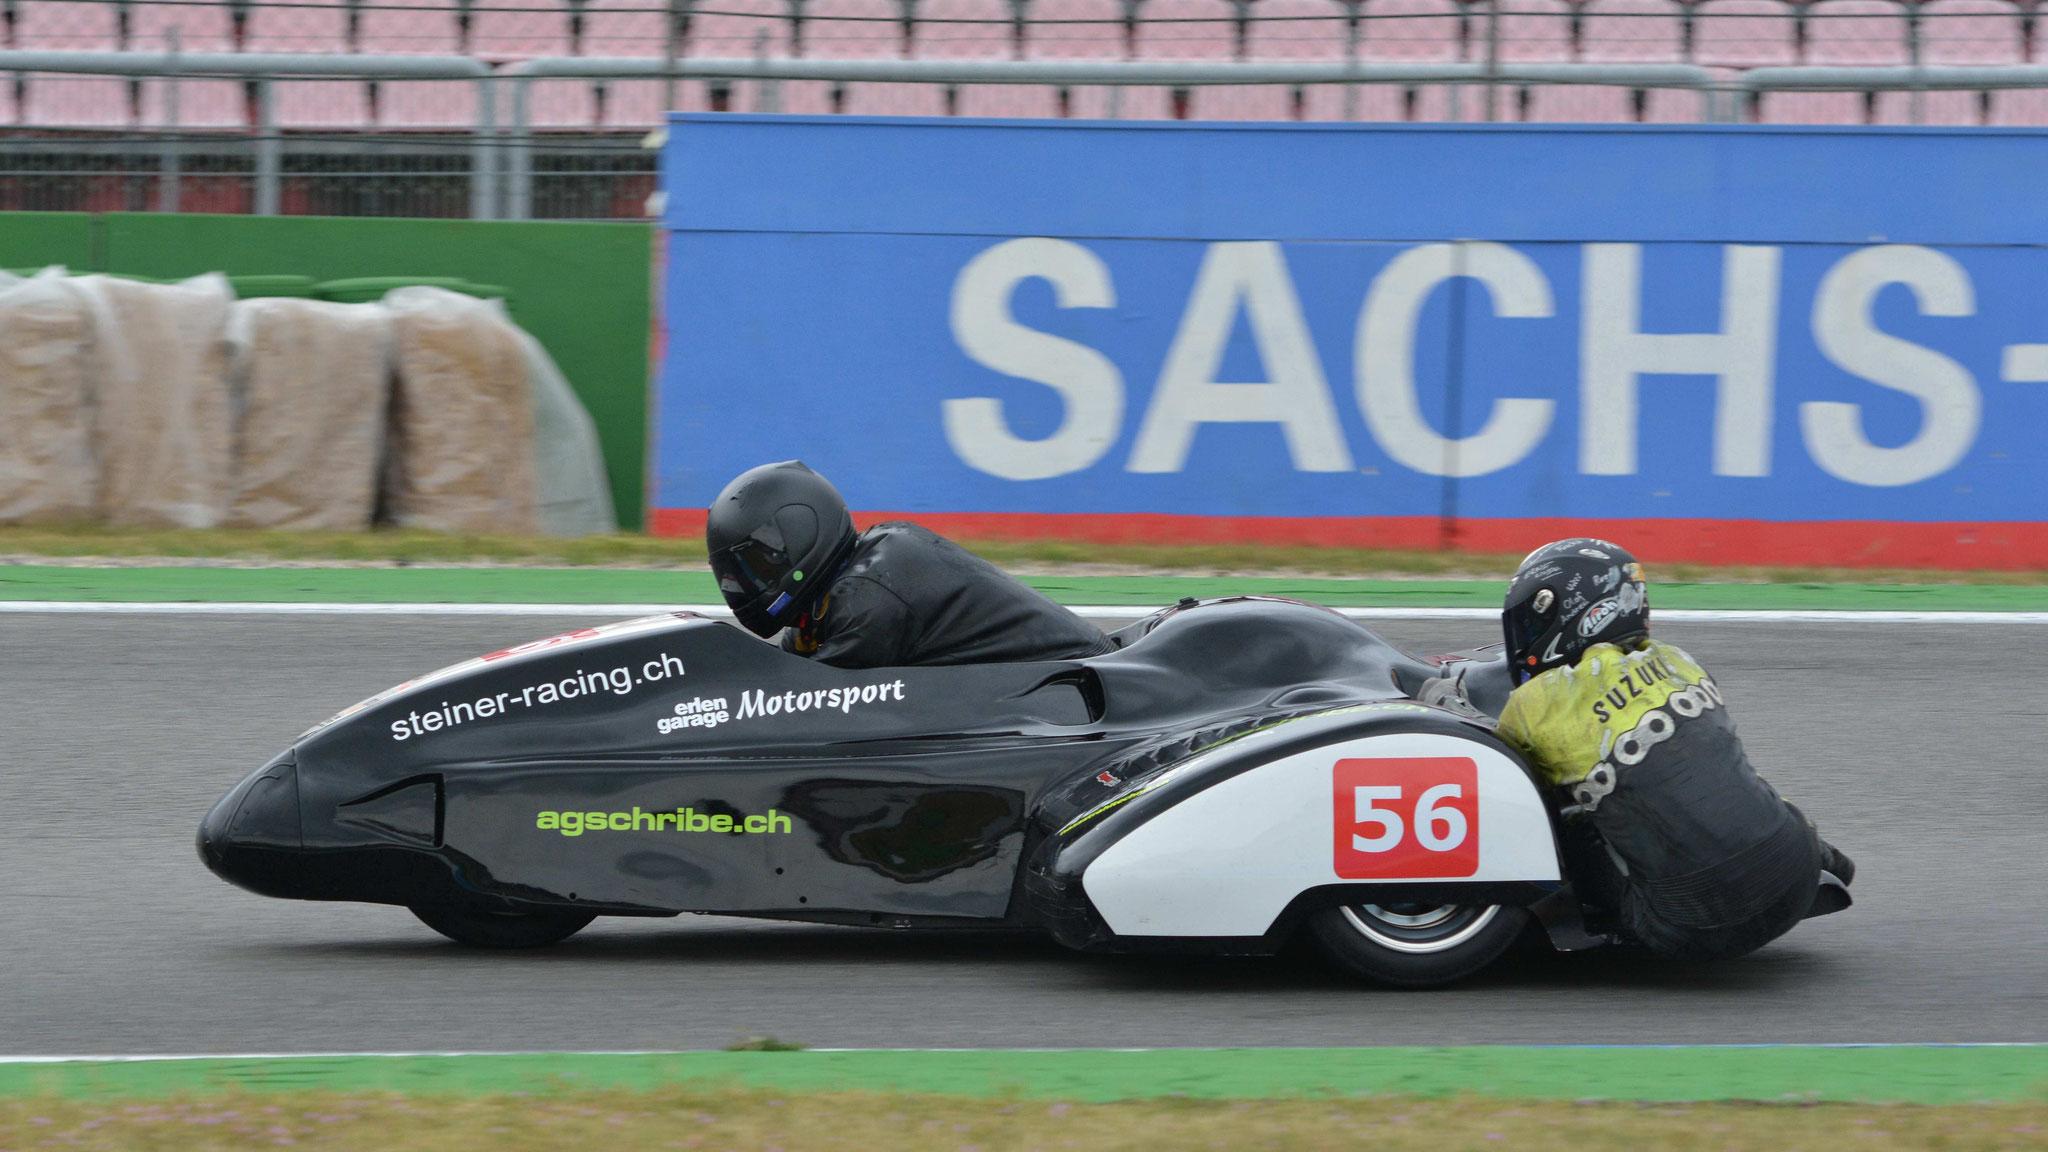 Christian Steiner / Patrick Kristler - LCR Yamaha 1000 - Baujahr 2000